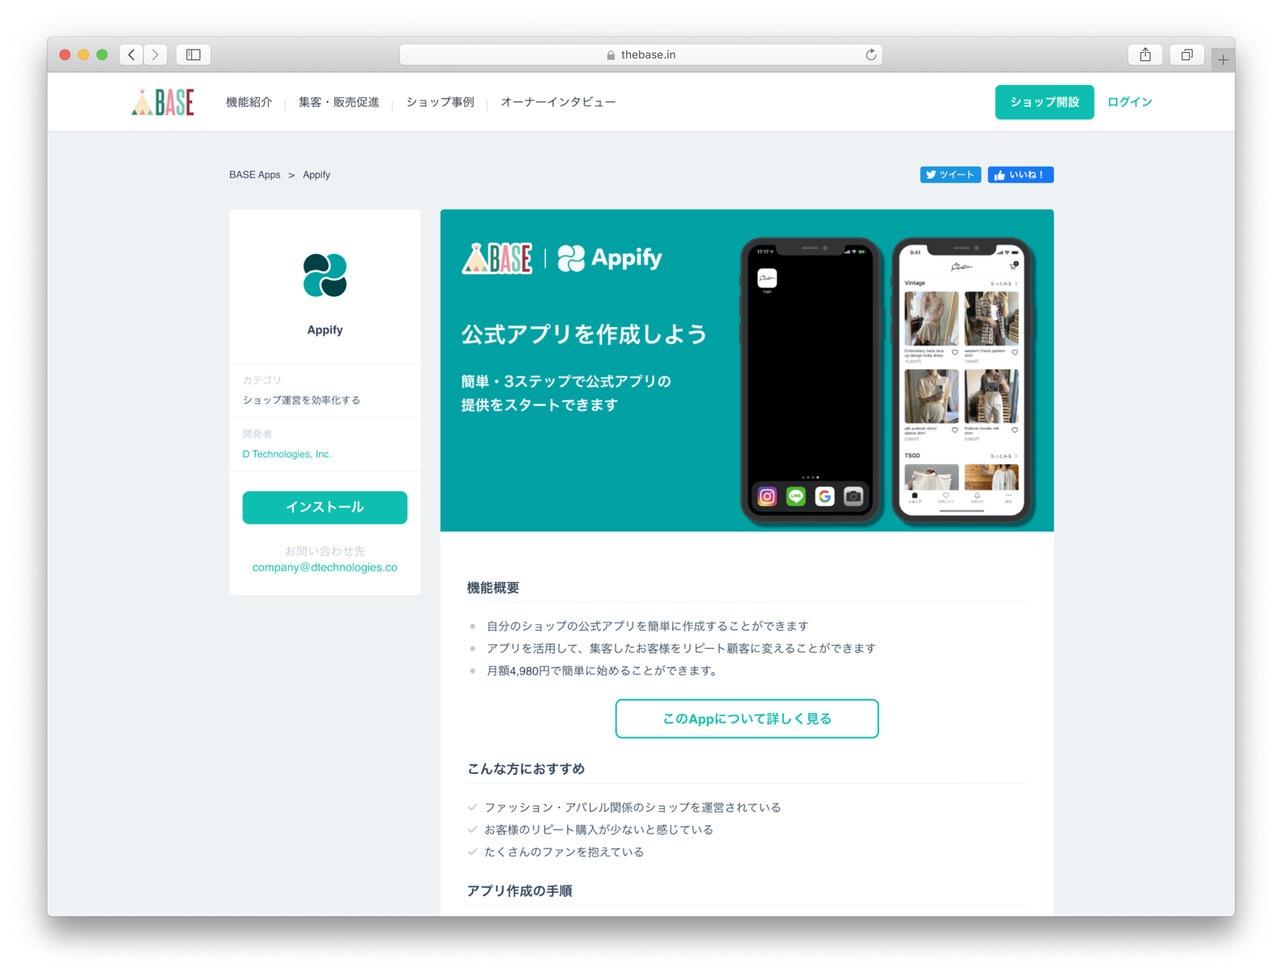 ネットショップ作成サービス「BASE」のオーナーが簡単に公式アプリを作成できる「Appify(アッピファイ)」がスタート